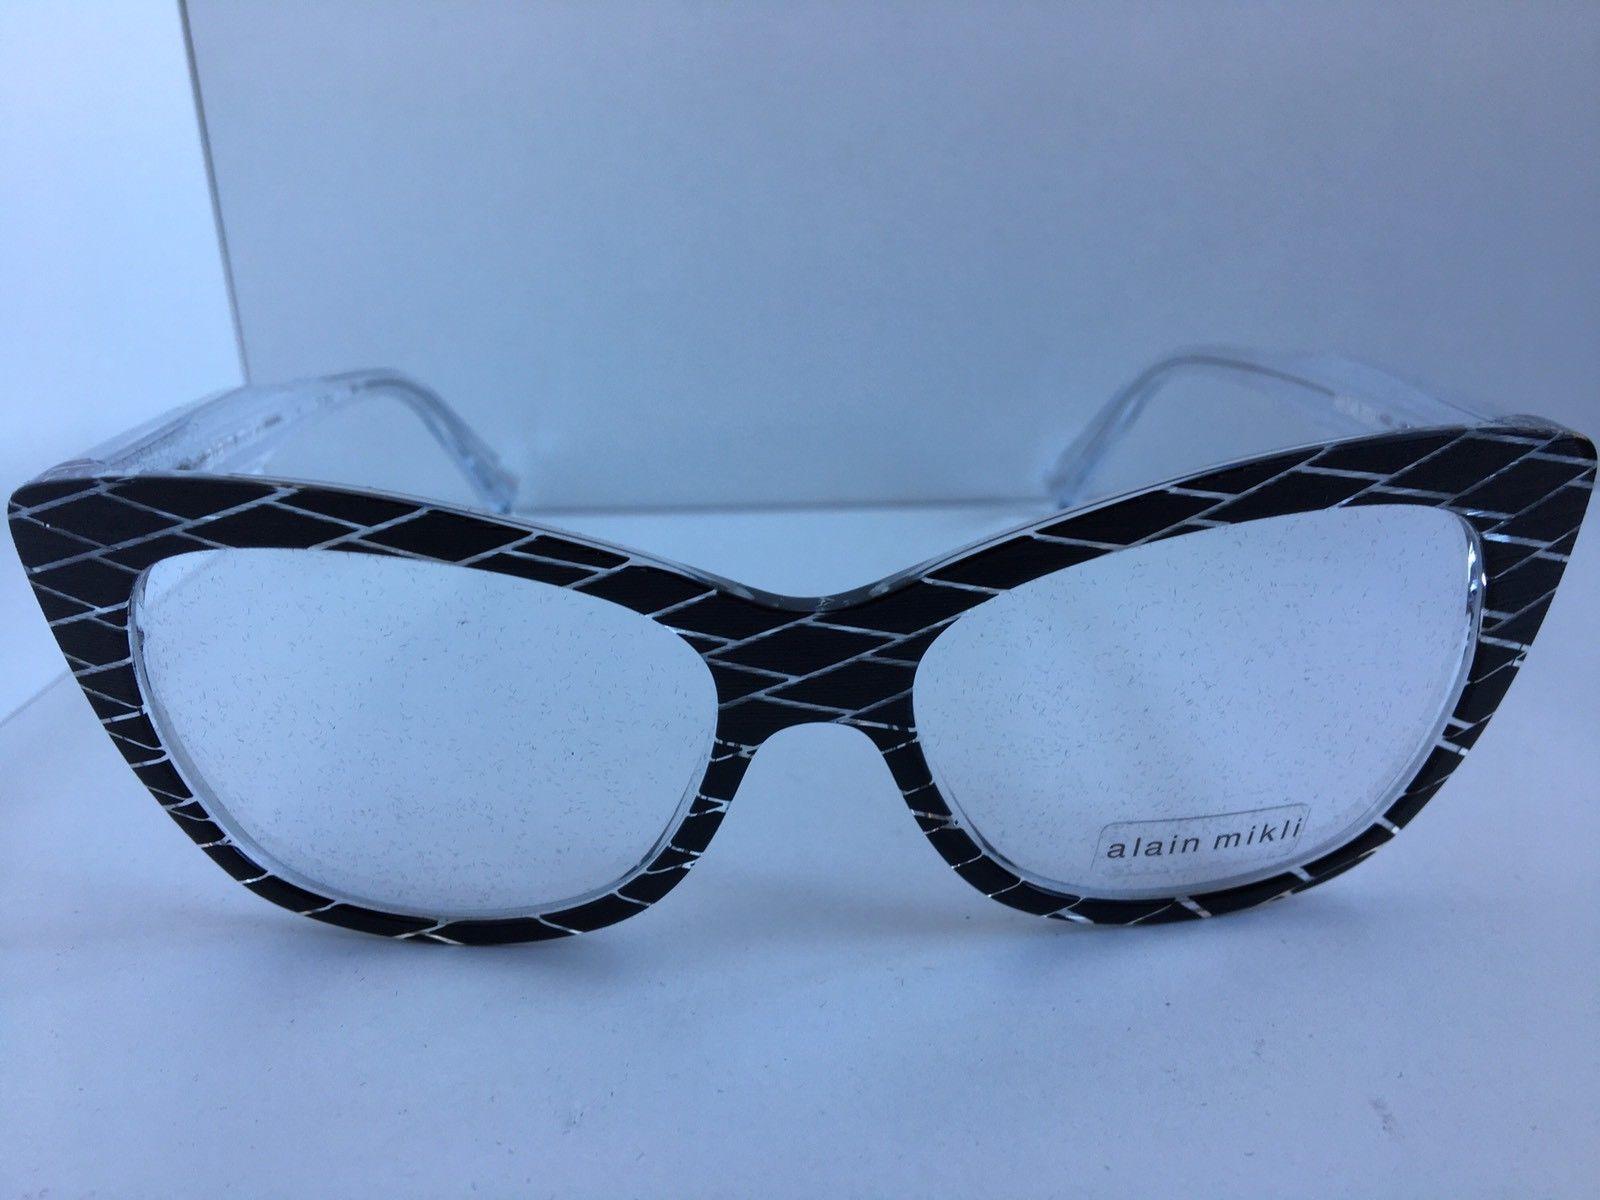 65a16a11d9 S l1600. S l1600. New ALAIN MIKLI A 01346M A01346M B09U 52mm Black Cats Eye  Women Eyeglasses Frame